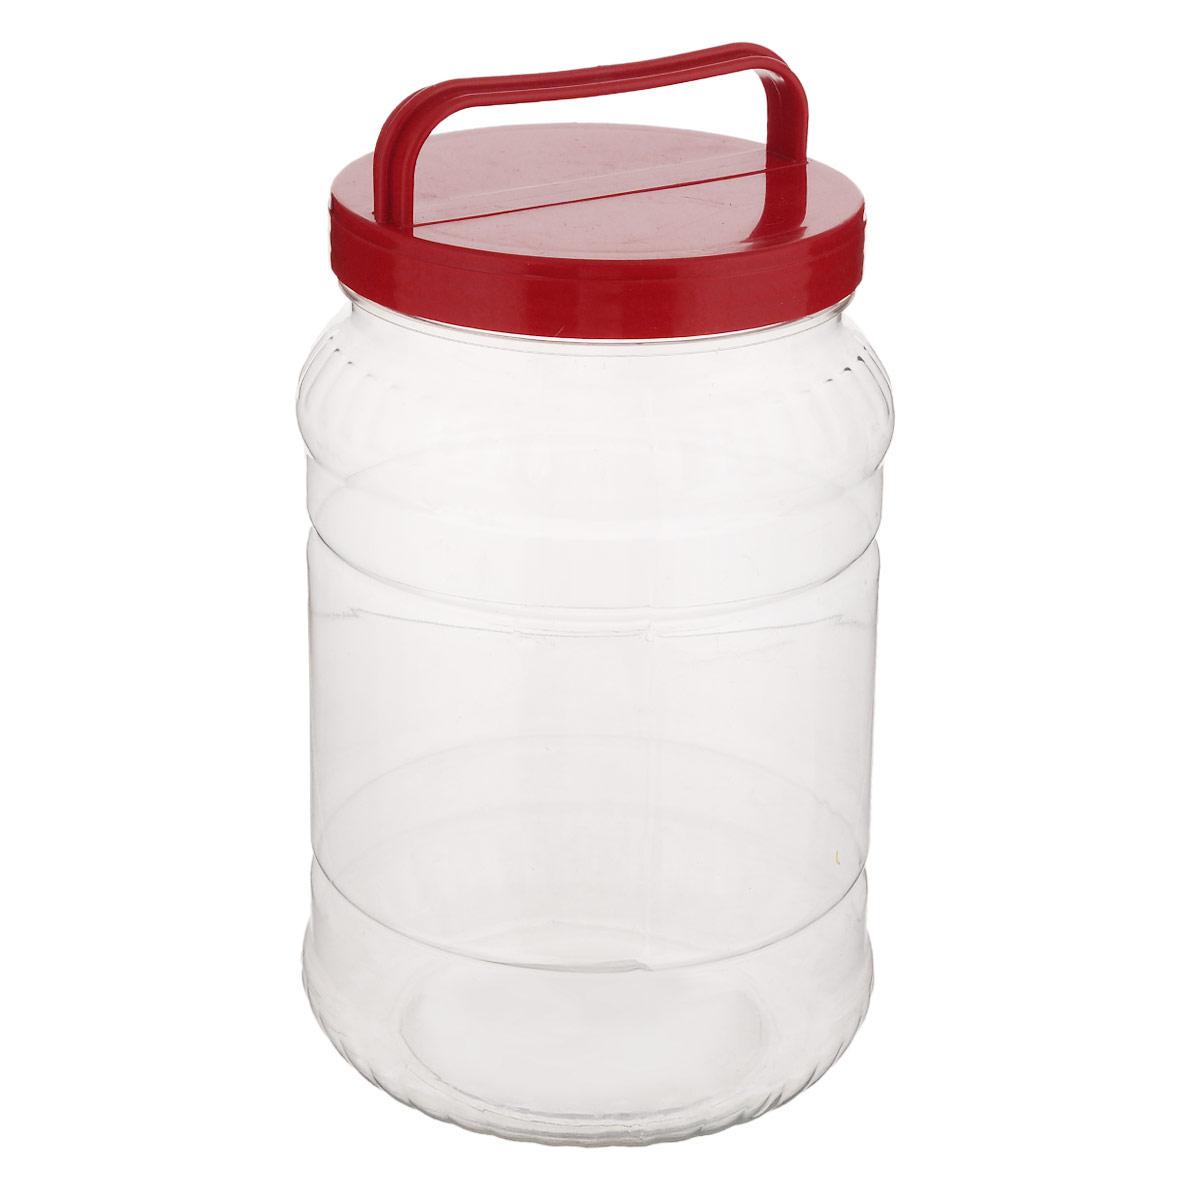 Бидон Альтернатива, цвет: прозрачный, красный, 2 лМ461_красныйБидон Альтернатива предназначен для хранения и переноски пищевых продуктов, таких как молоко, вода и прочее. Выполнен из пищевого высококачественного пластика. Оснащен ручкой для удобной переноски.Бидон Альтернатива станет незаменимым аксессуаром на вашей кухне.Высота бидона (без учета крышки): 20,5 см.Диаметр: 10,5 см.